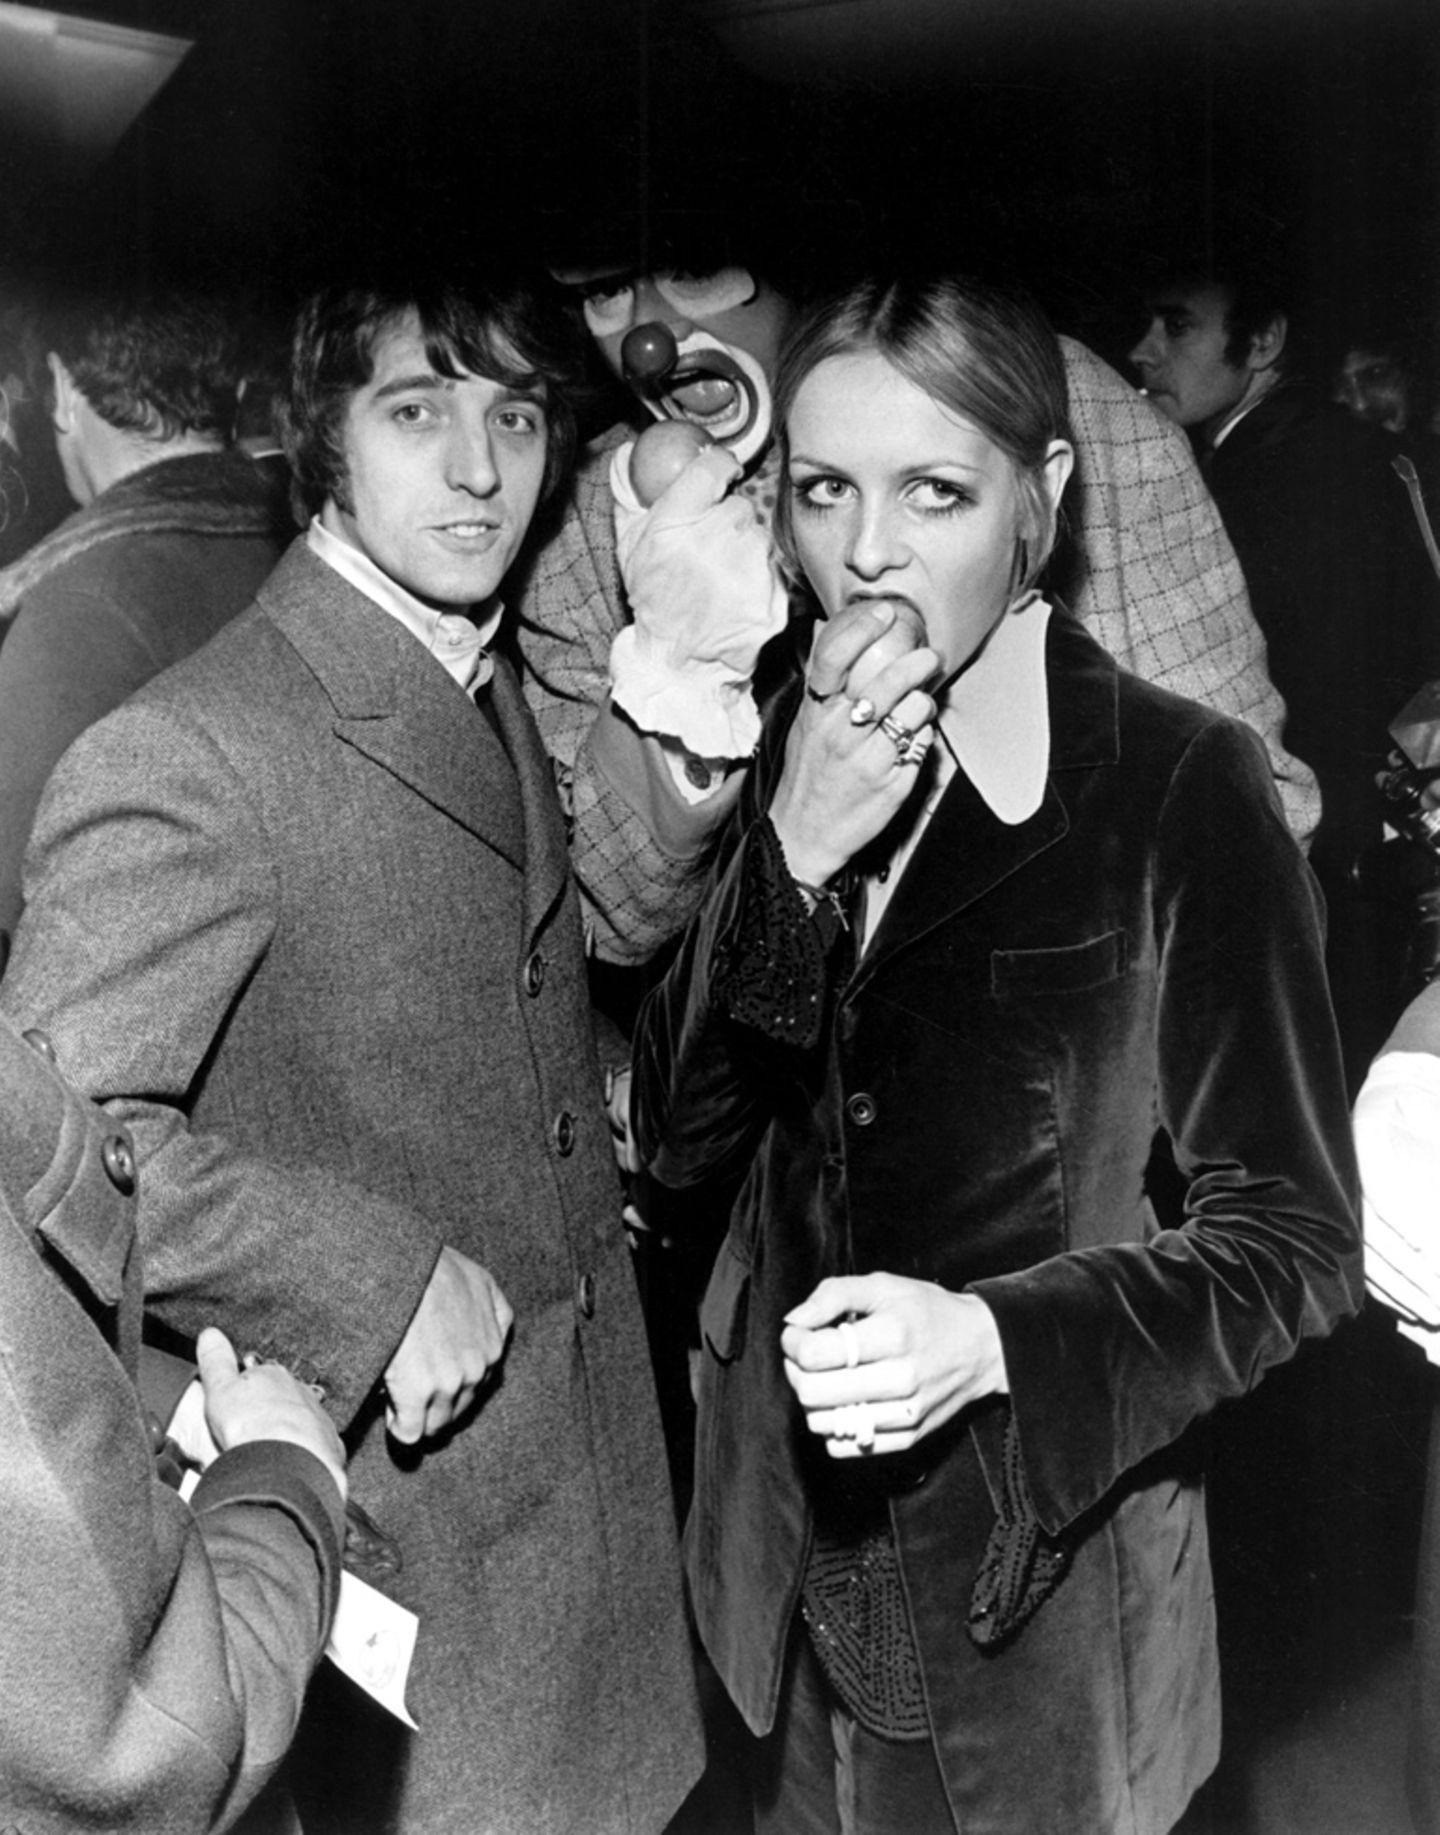 Als die Beatles im Dezember 1967 ihren Apple-Shop eröffneten, durfte auch Twiggy nicht fehlen. Das Model kam mit ihrem damaligen Manager und Lebensgefährten Justin de Villeneuve.